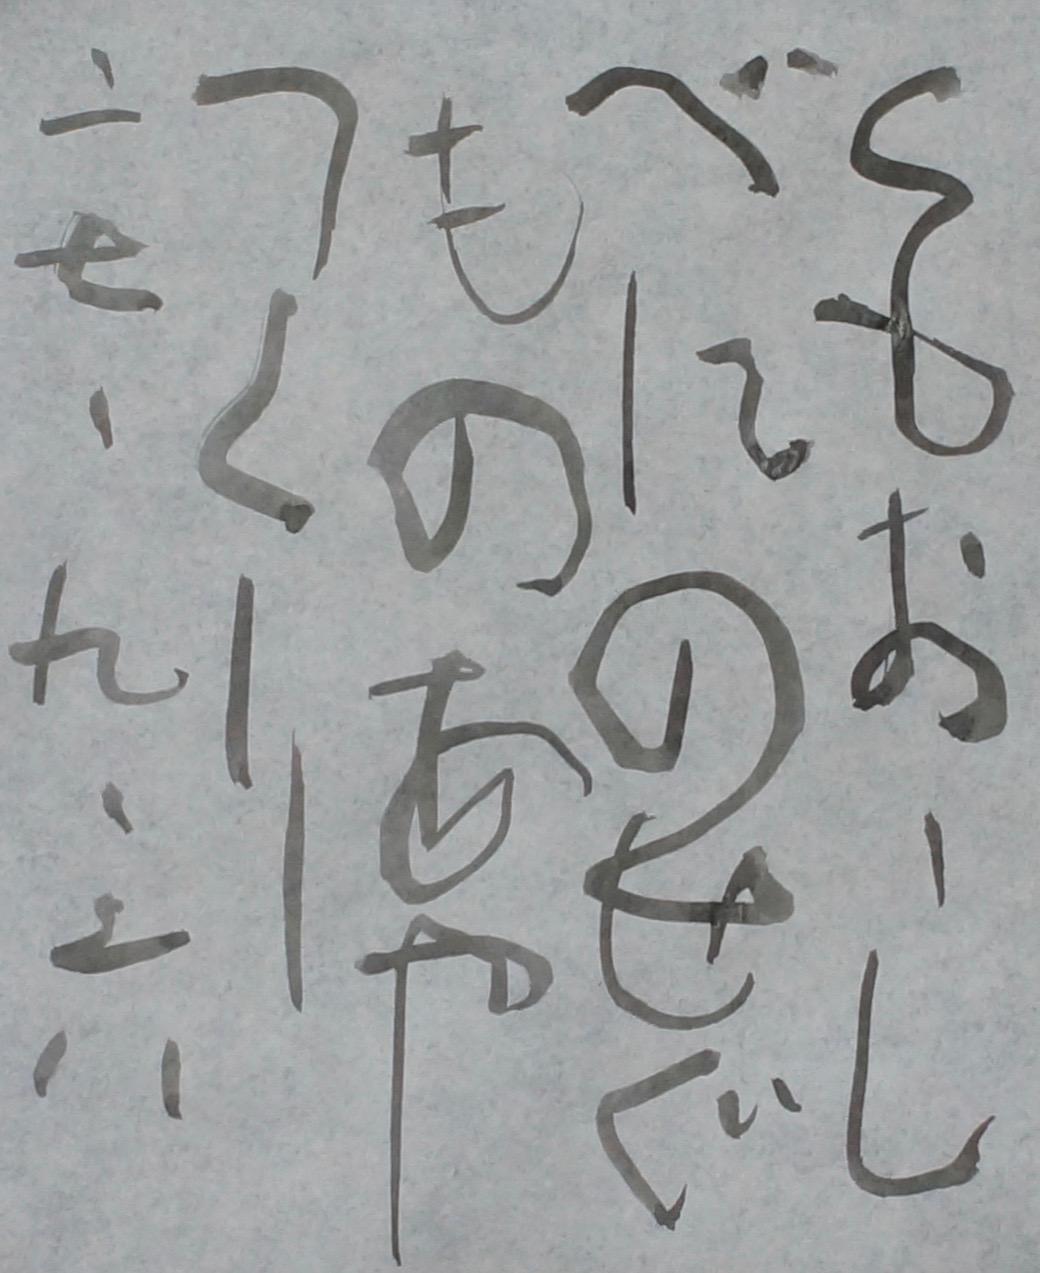 朝歌9月6日_c0169176_731769.jpg